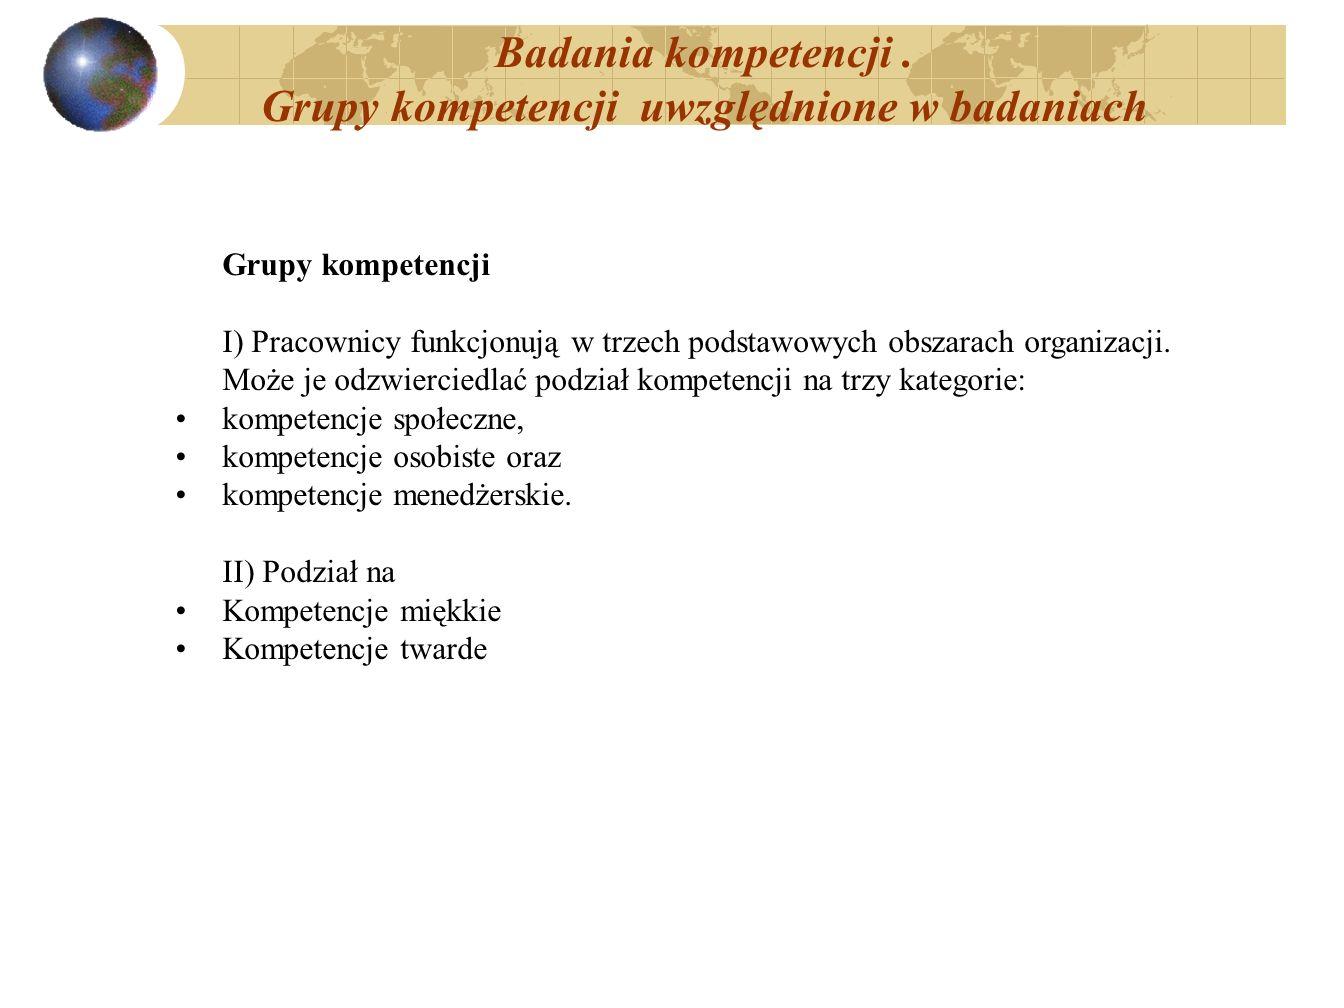 Badania kompetencji . Grupy kompetencji uwzględnione w badaniach